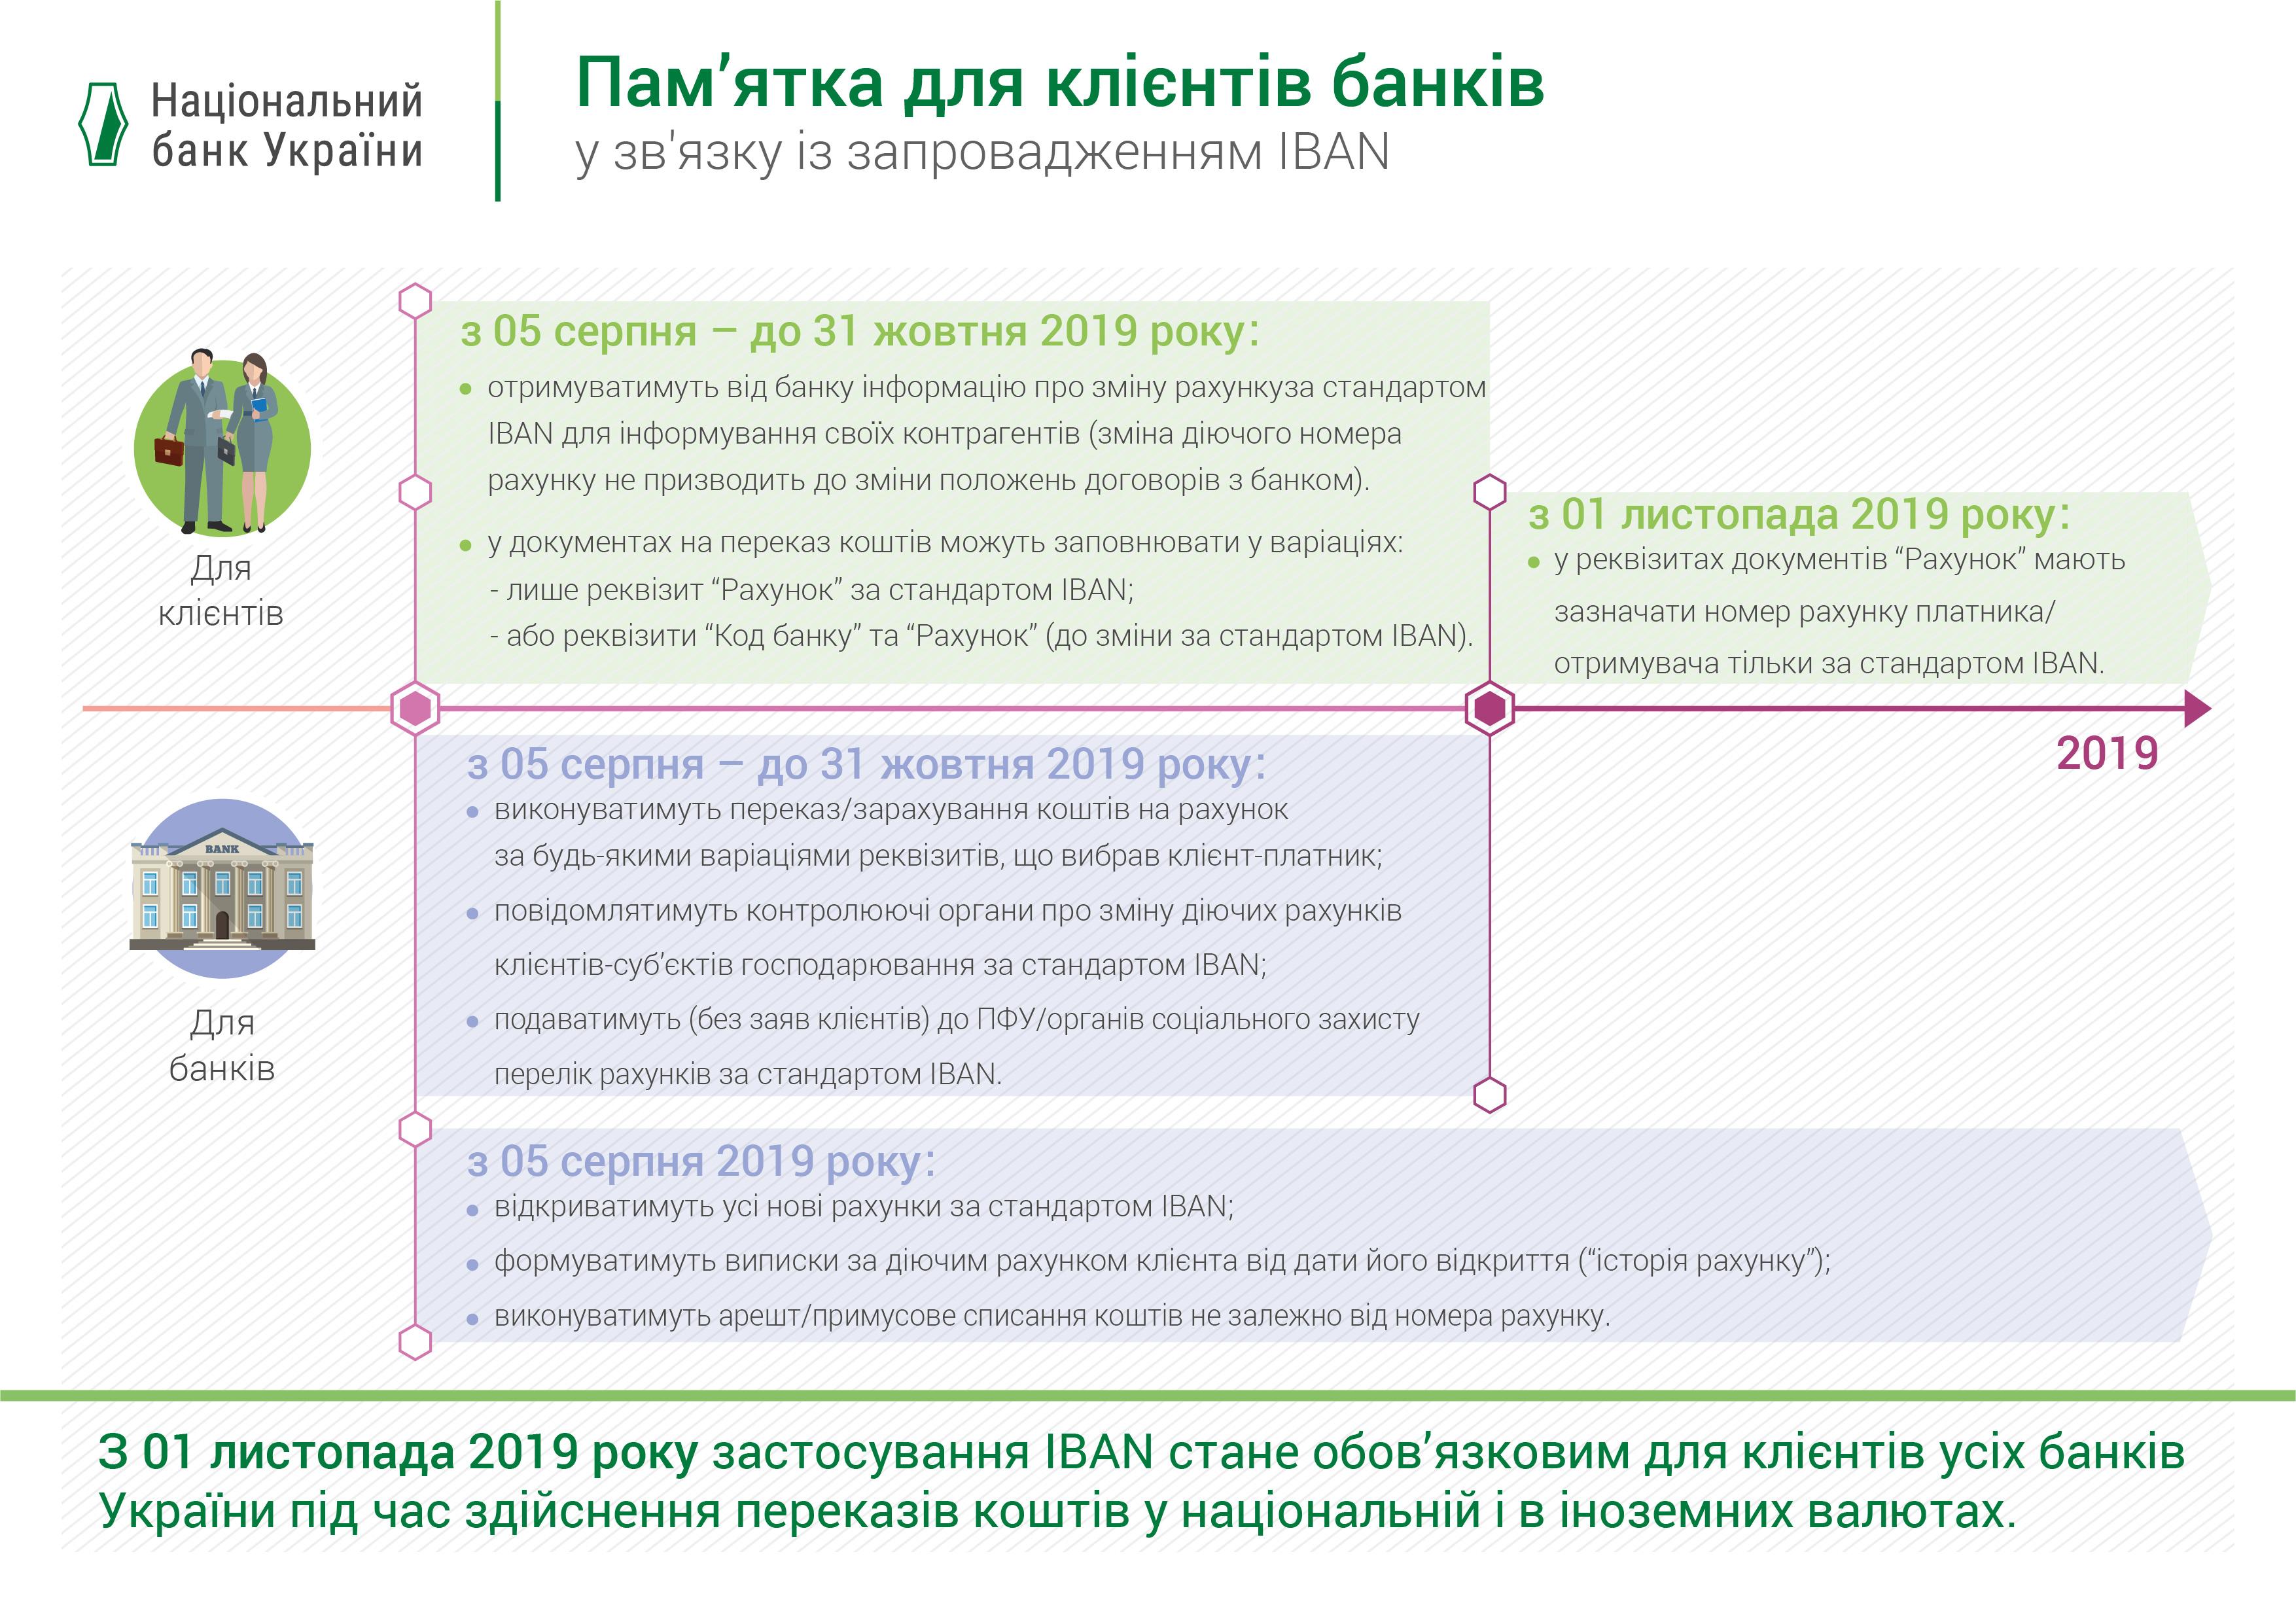 Що зміниться для клієнтів банків у зв'язку із запровадженням IBAN